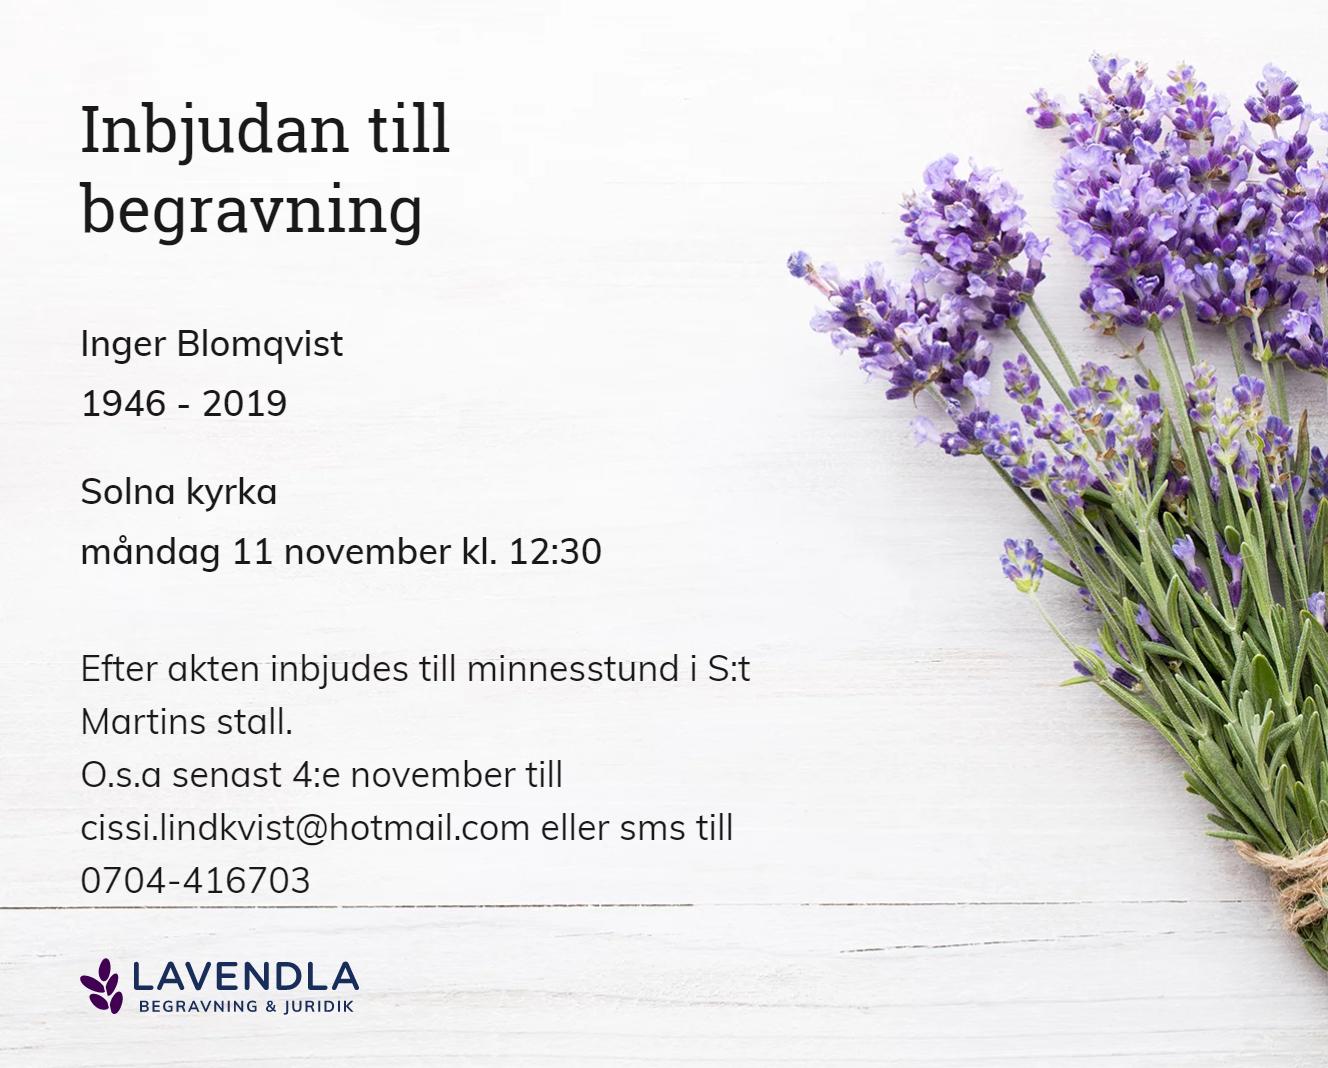 Inbjudningskort till ceremonin för Inger Blomqvist